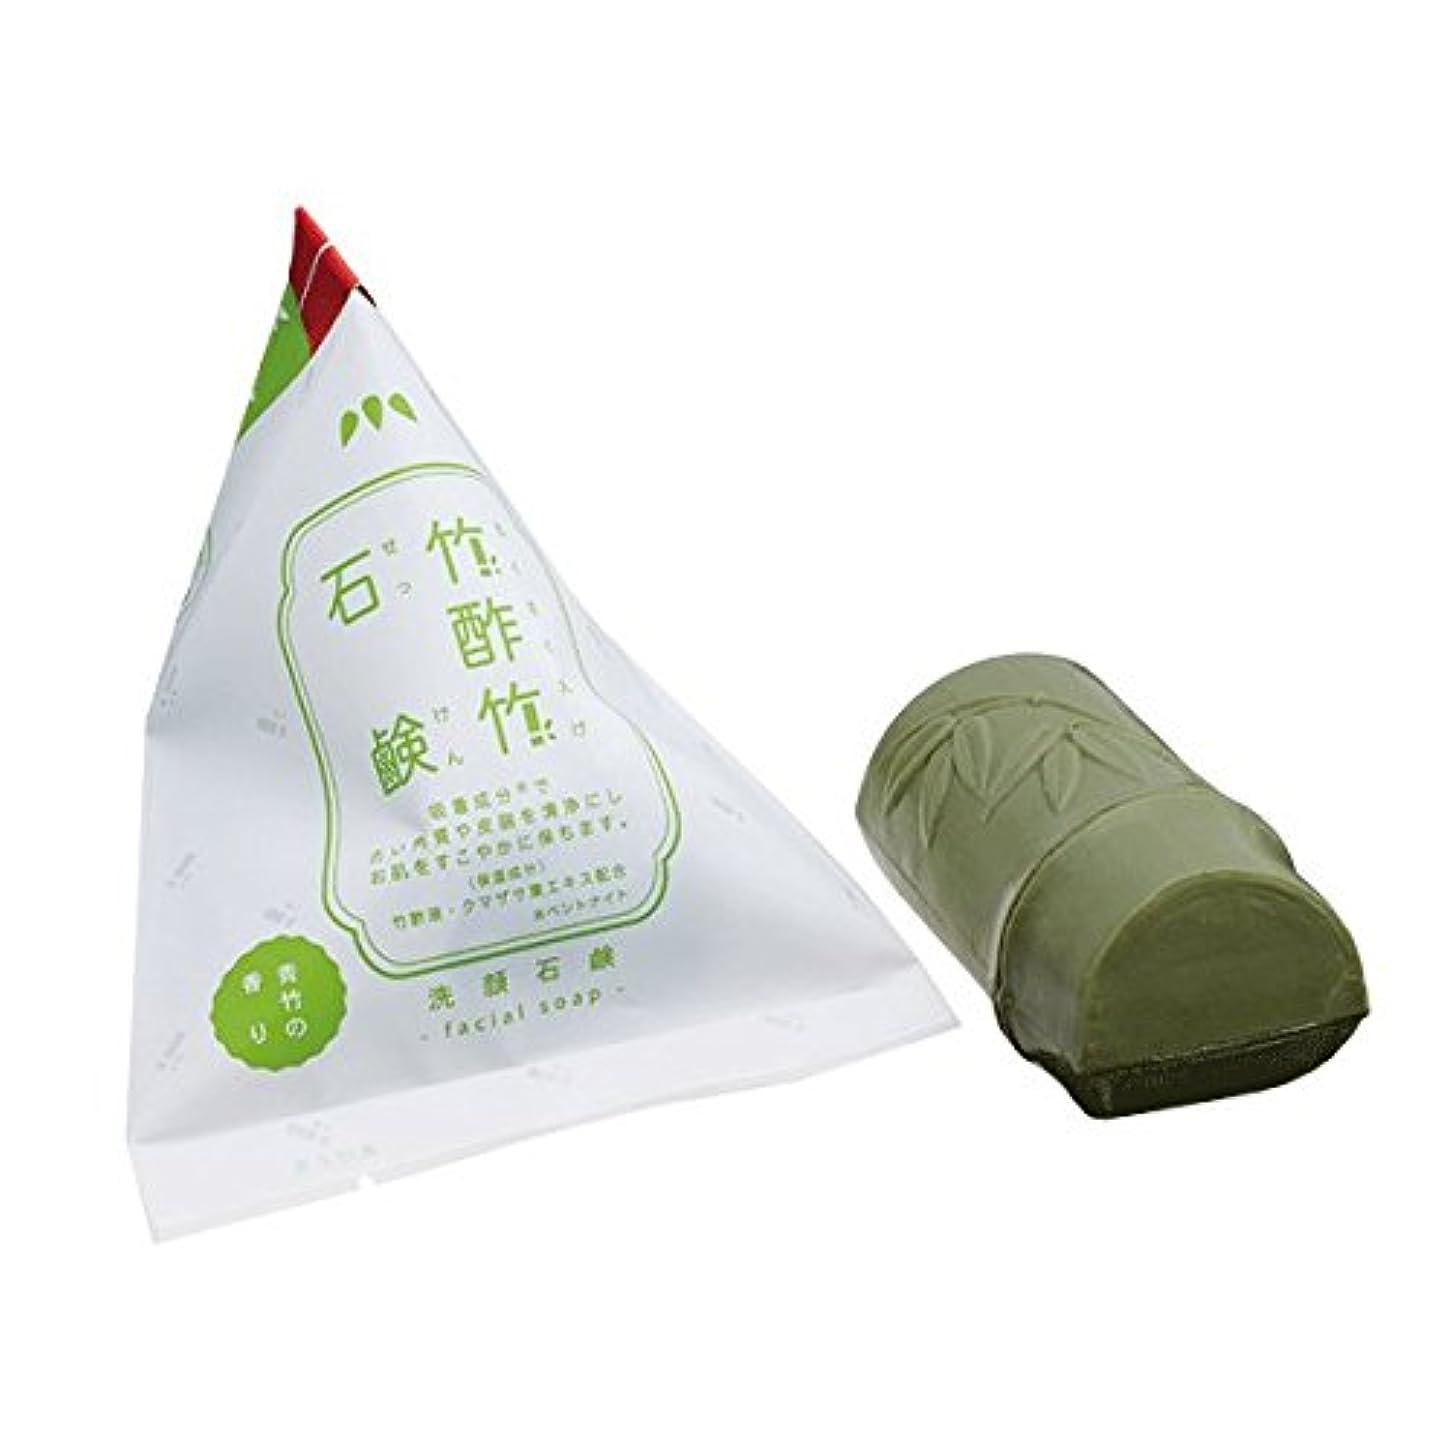 より良いリゾートに対応するフェニックス 竹酢竹泥棒石鹸120g(5個セット)